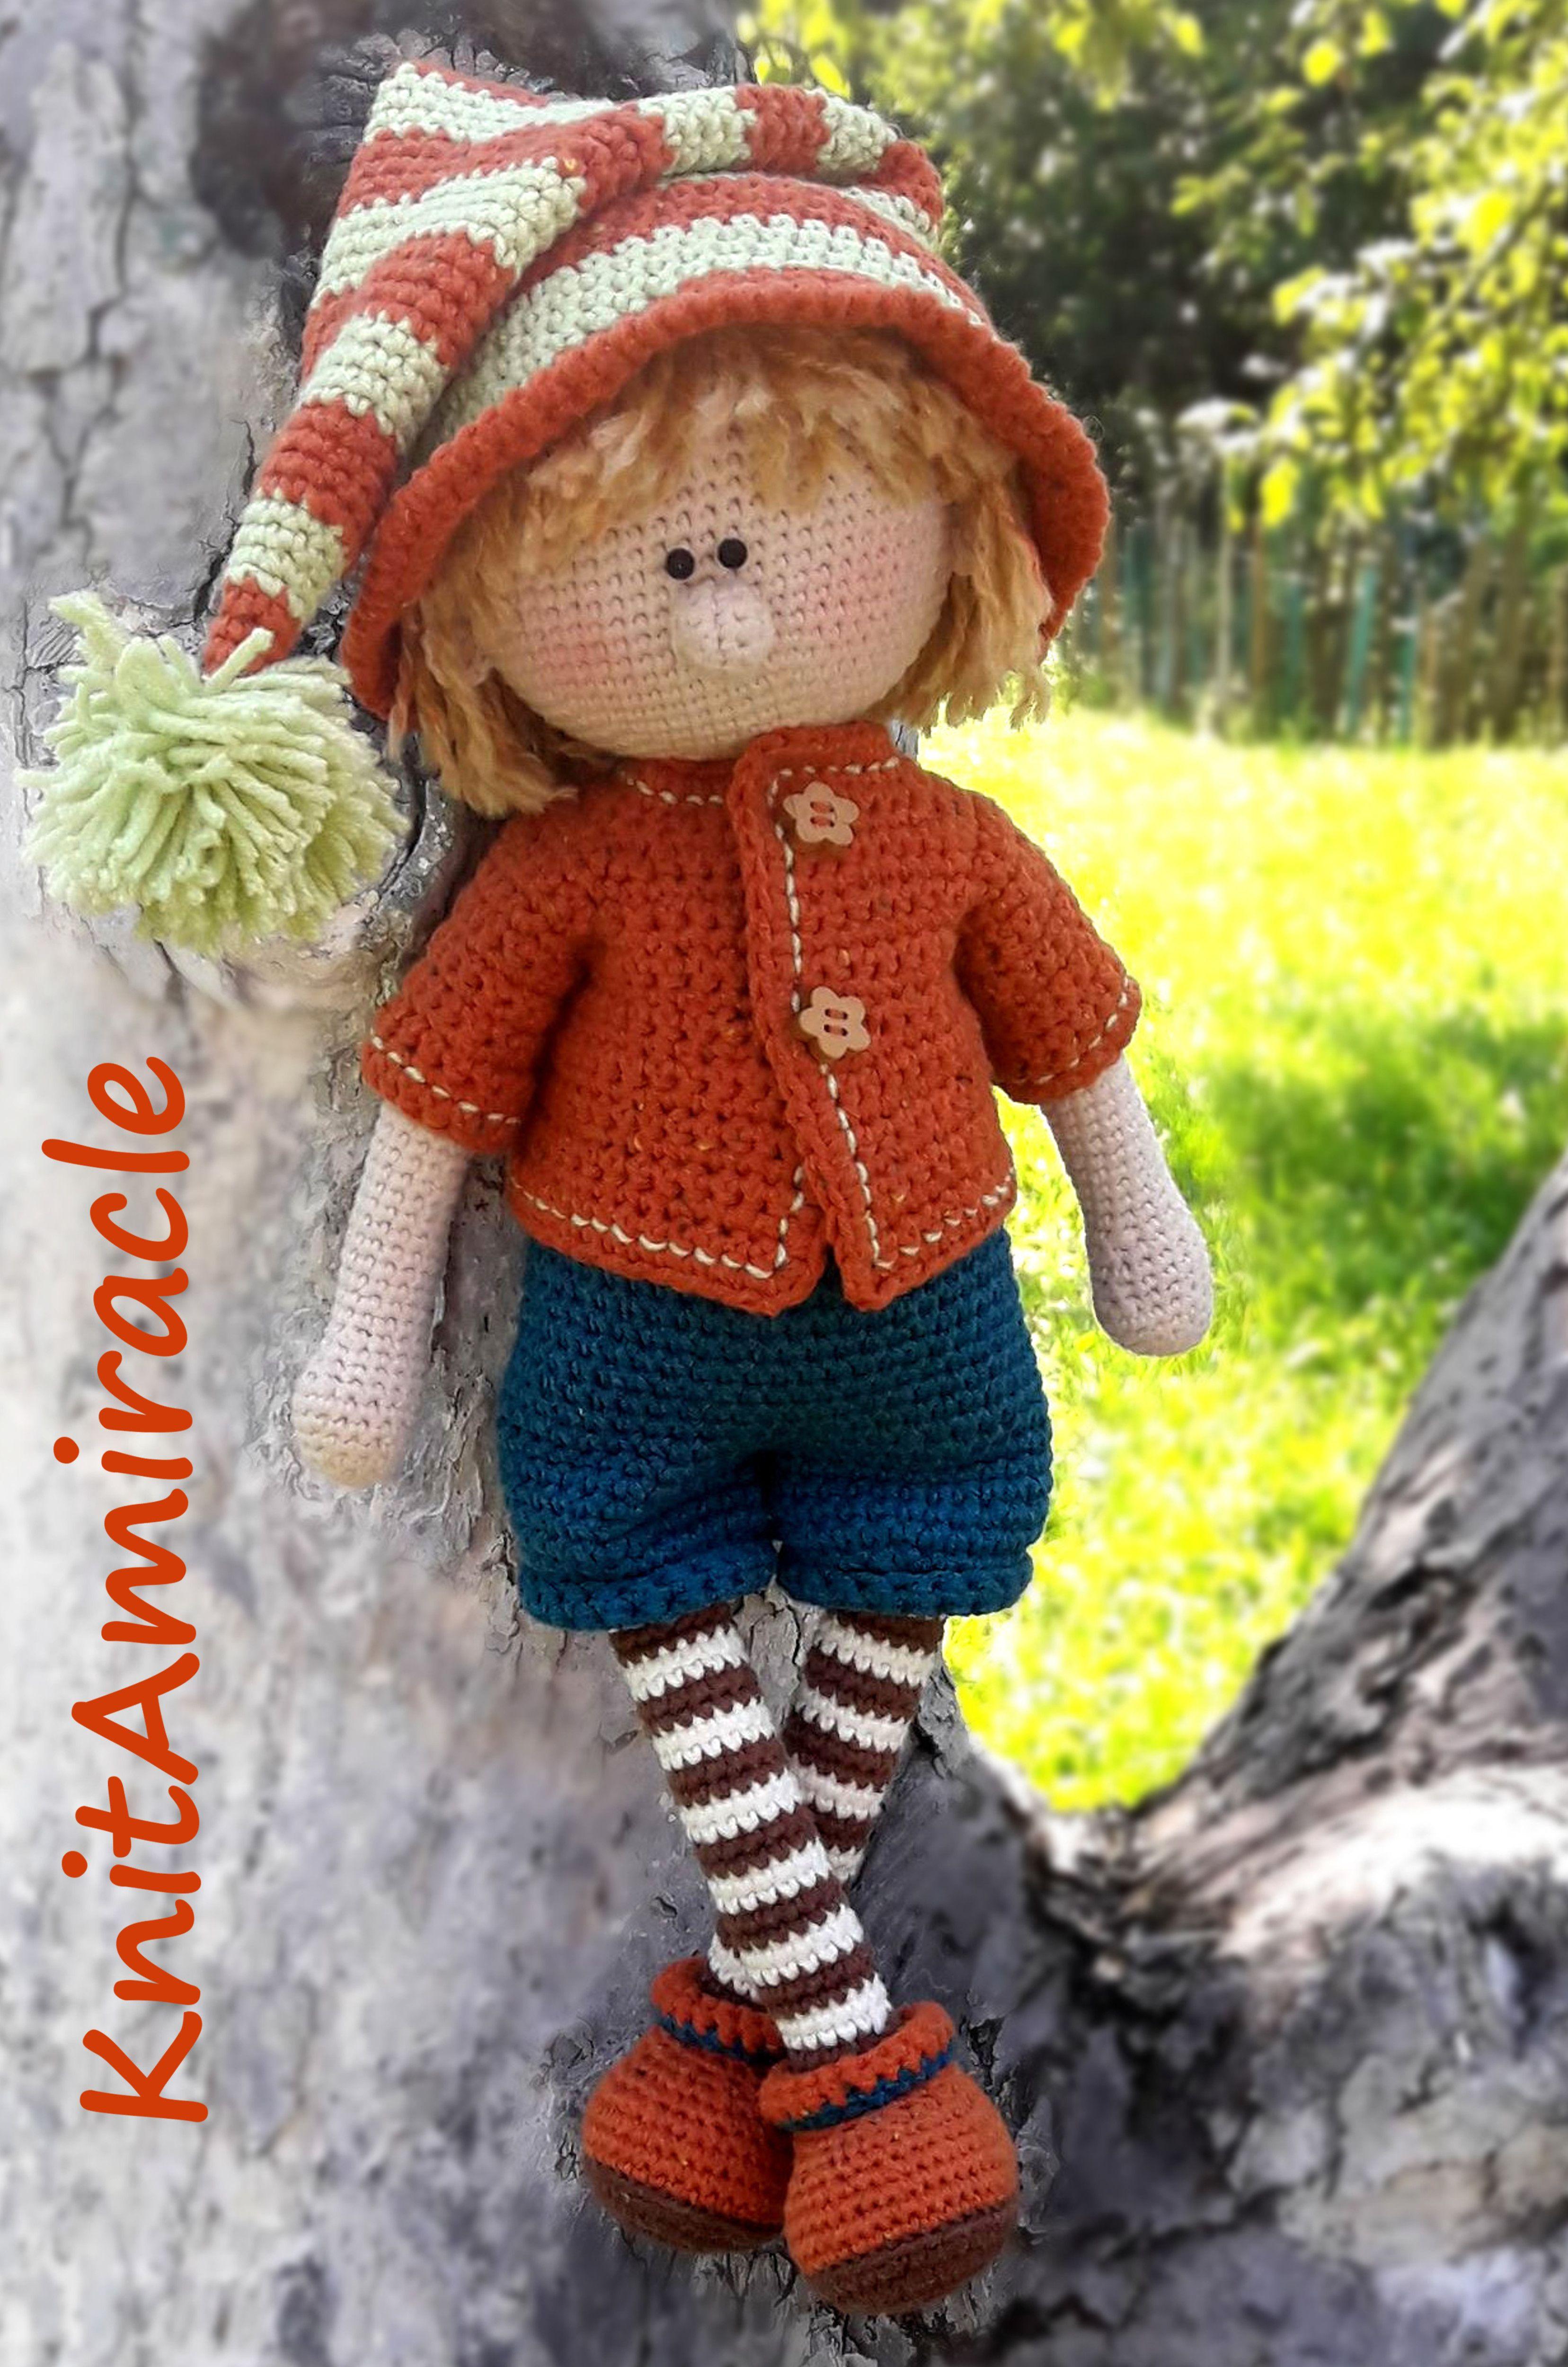 Crochet doll pattern Amigurumi pattern doll Crochet toy PDF Crochet ...